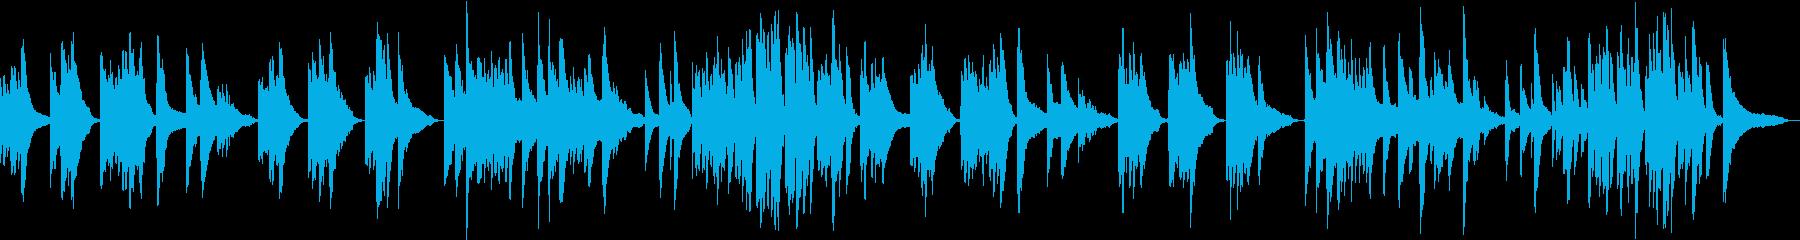 静寂を表現したピアノと弦の楽曲の再生済みの波形